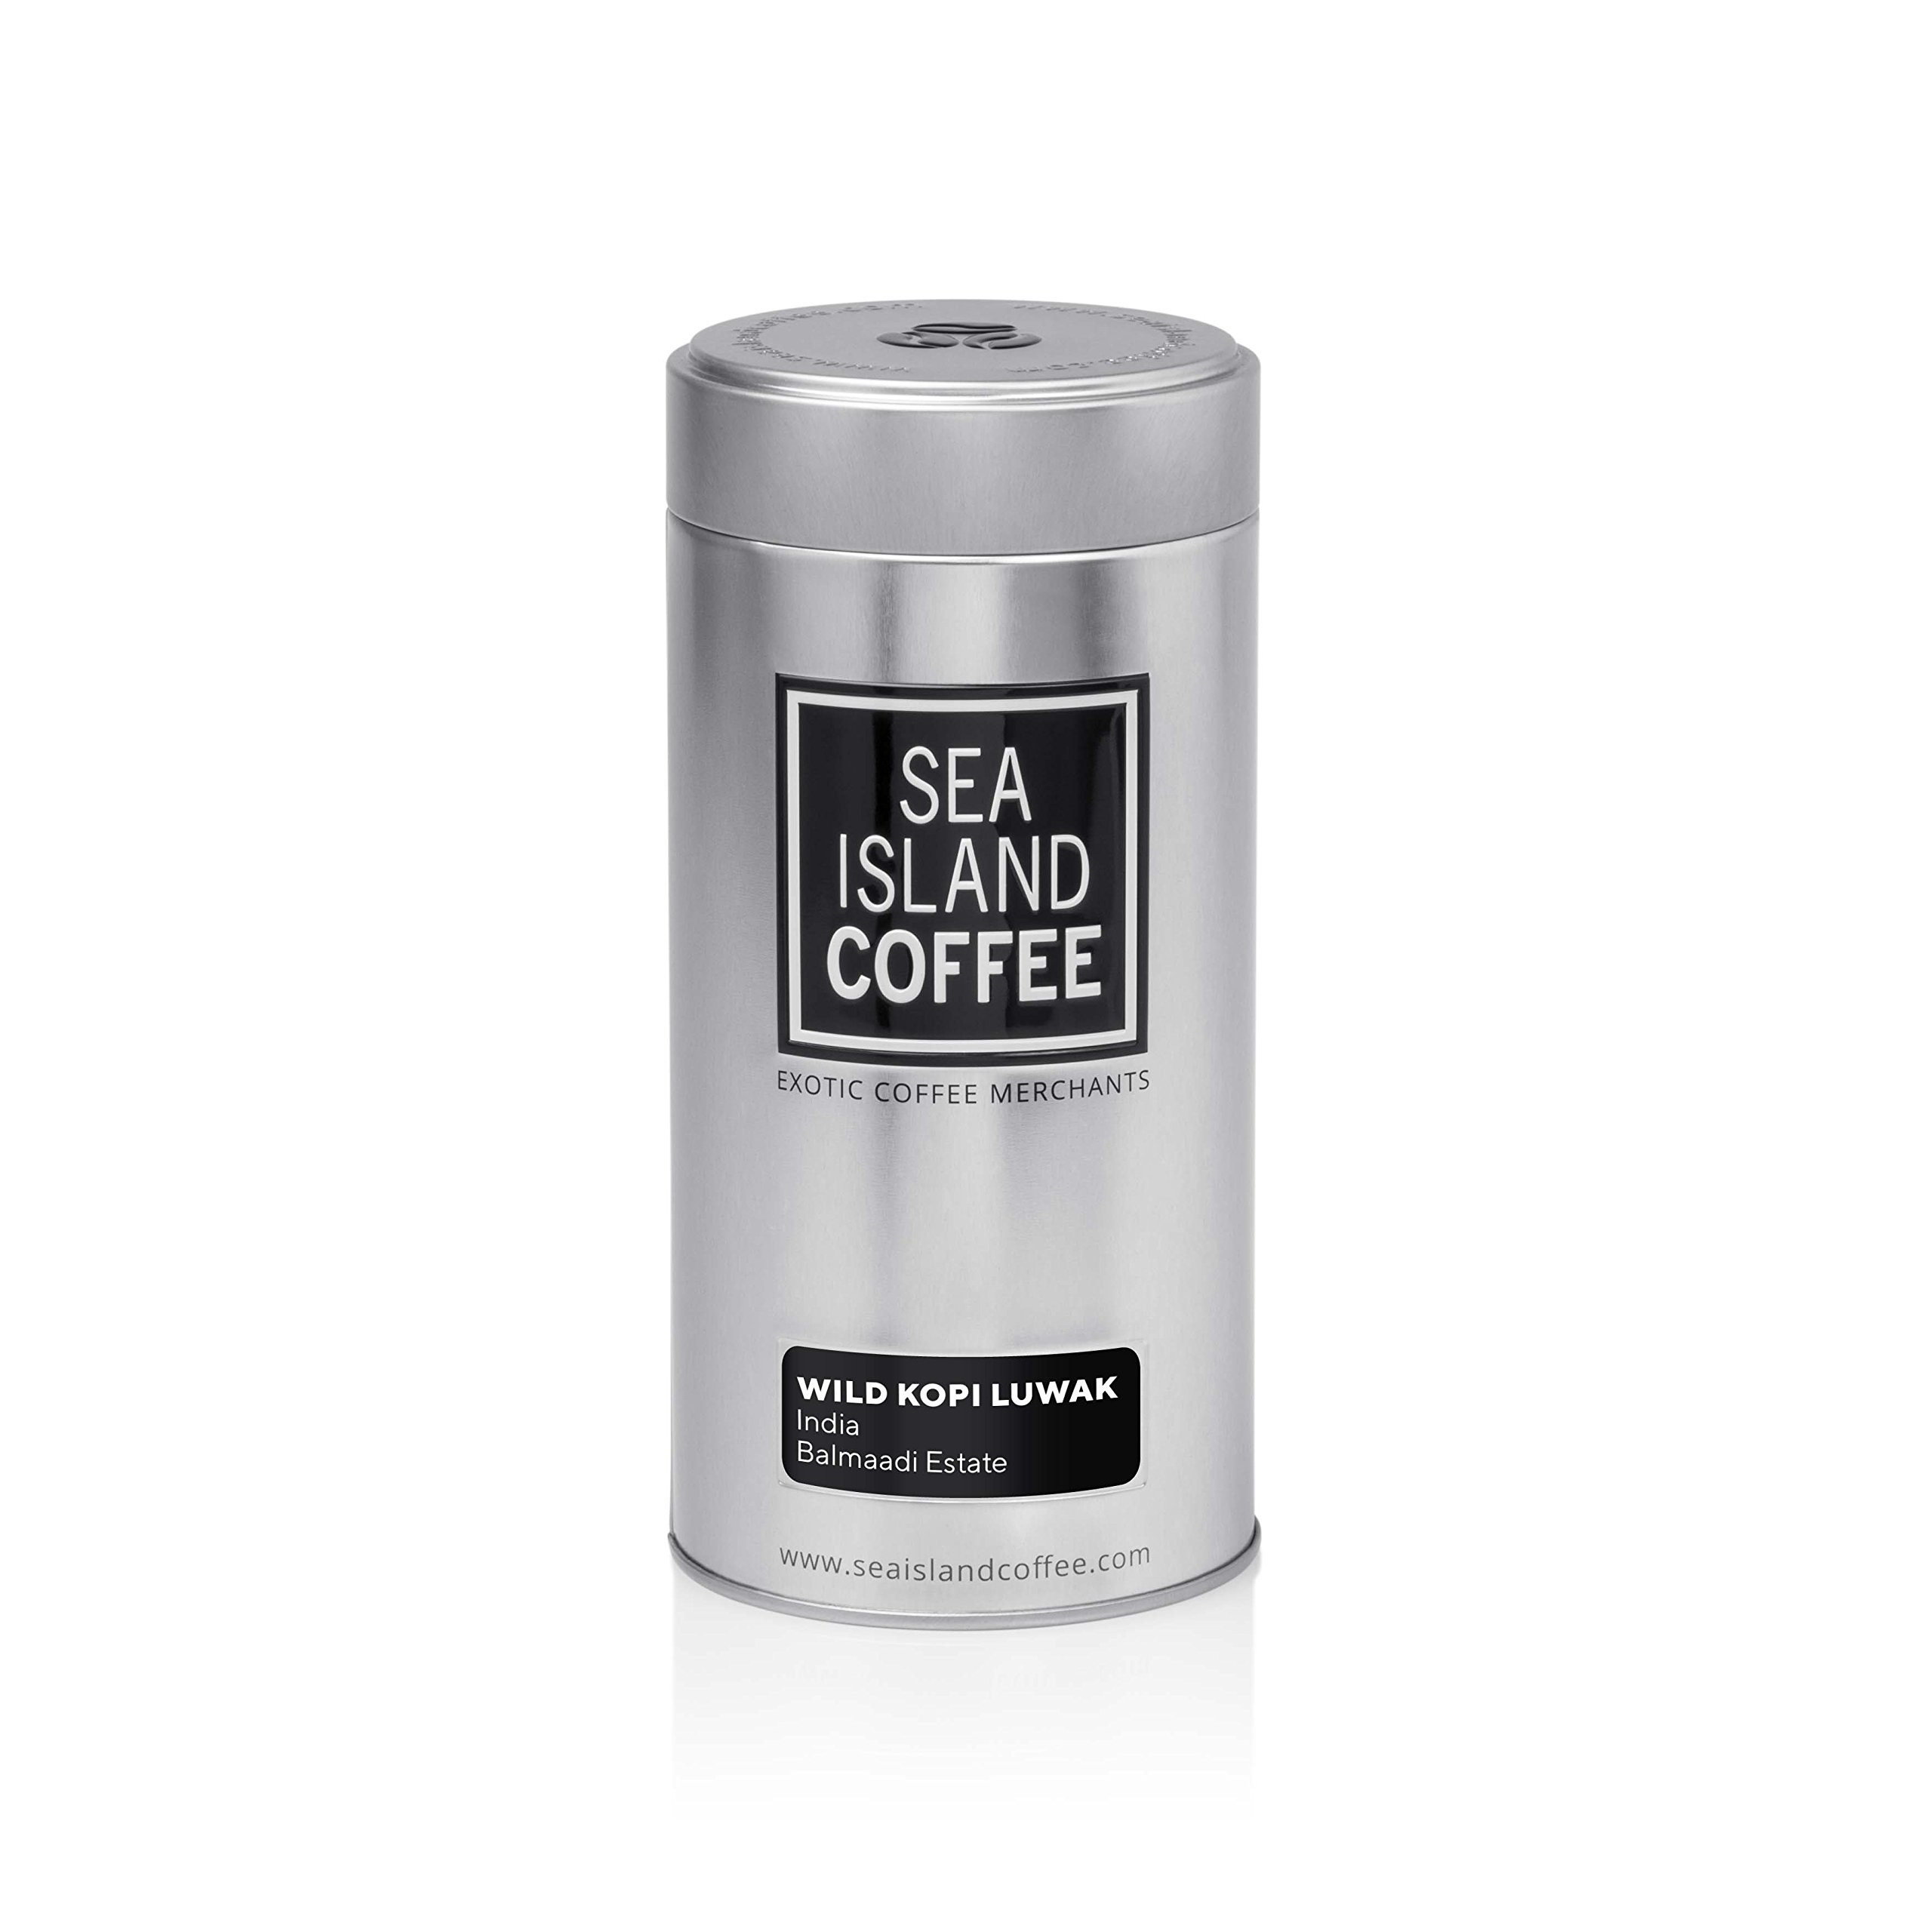 Organic Wild Kopi Luwak, India Coffee - Whole Bean Coffee 250g (8.8 oz) Tin